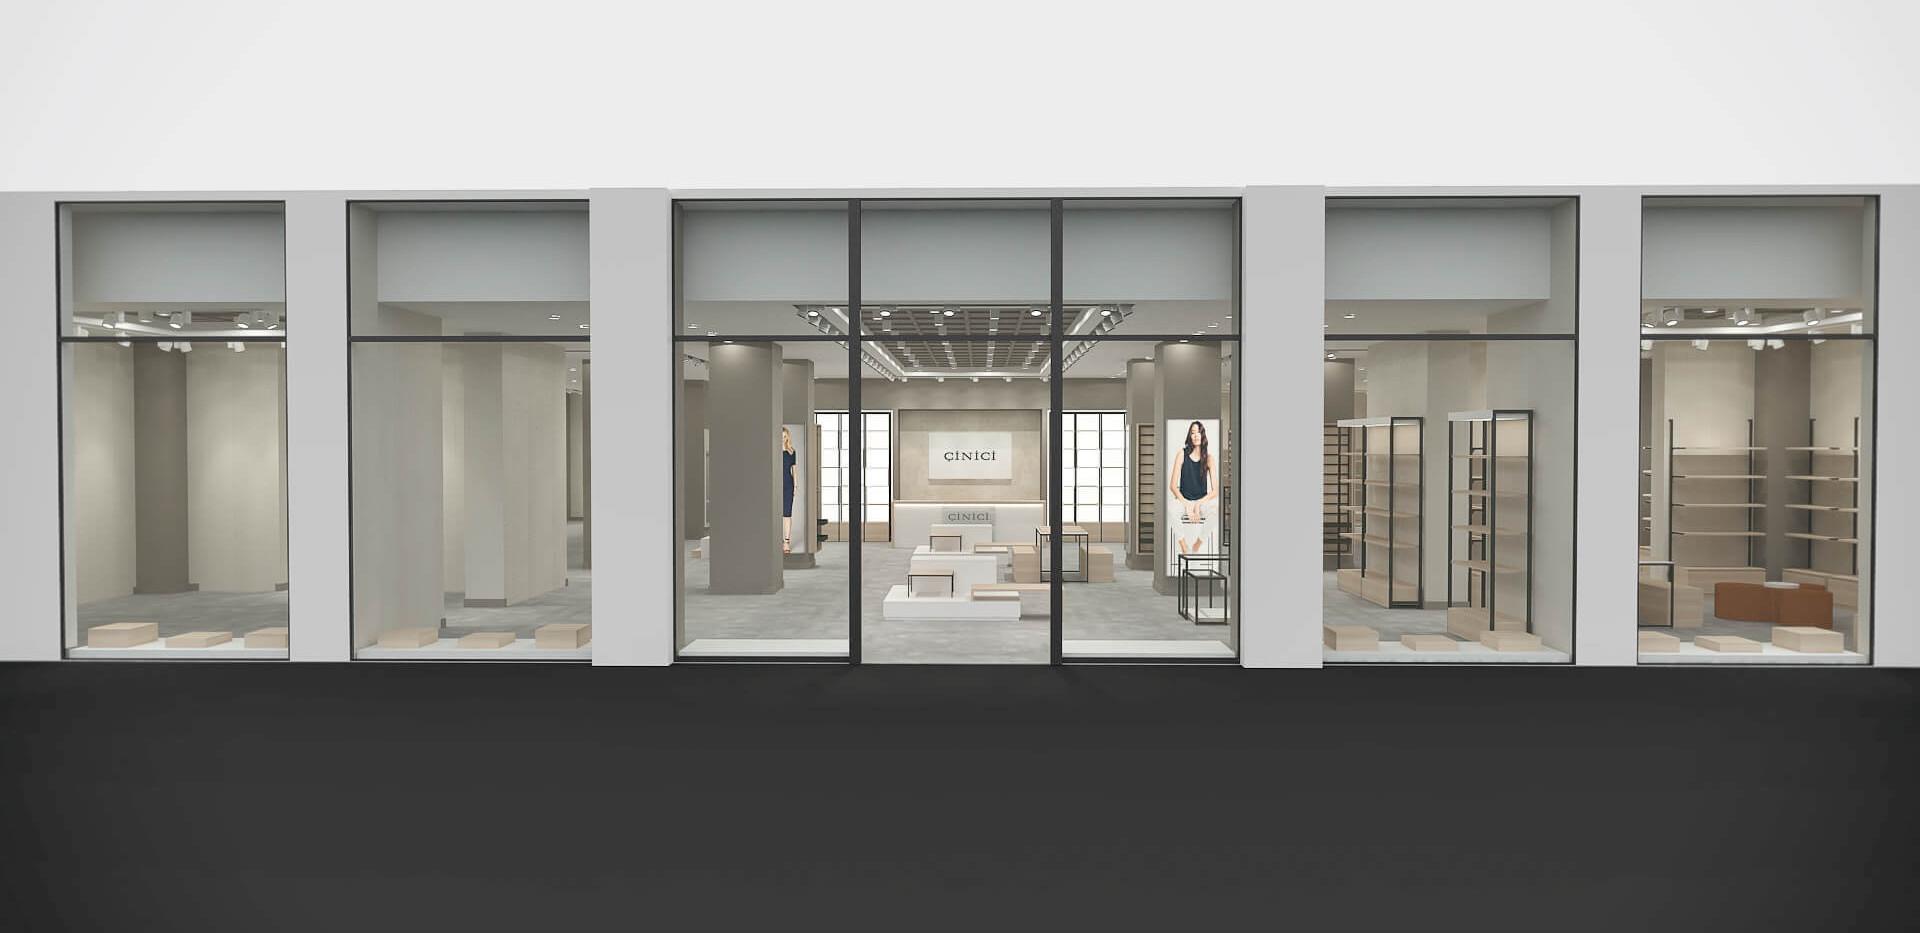 Cinici - Shoes Store Shop Design-8.jpg